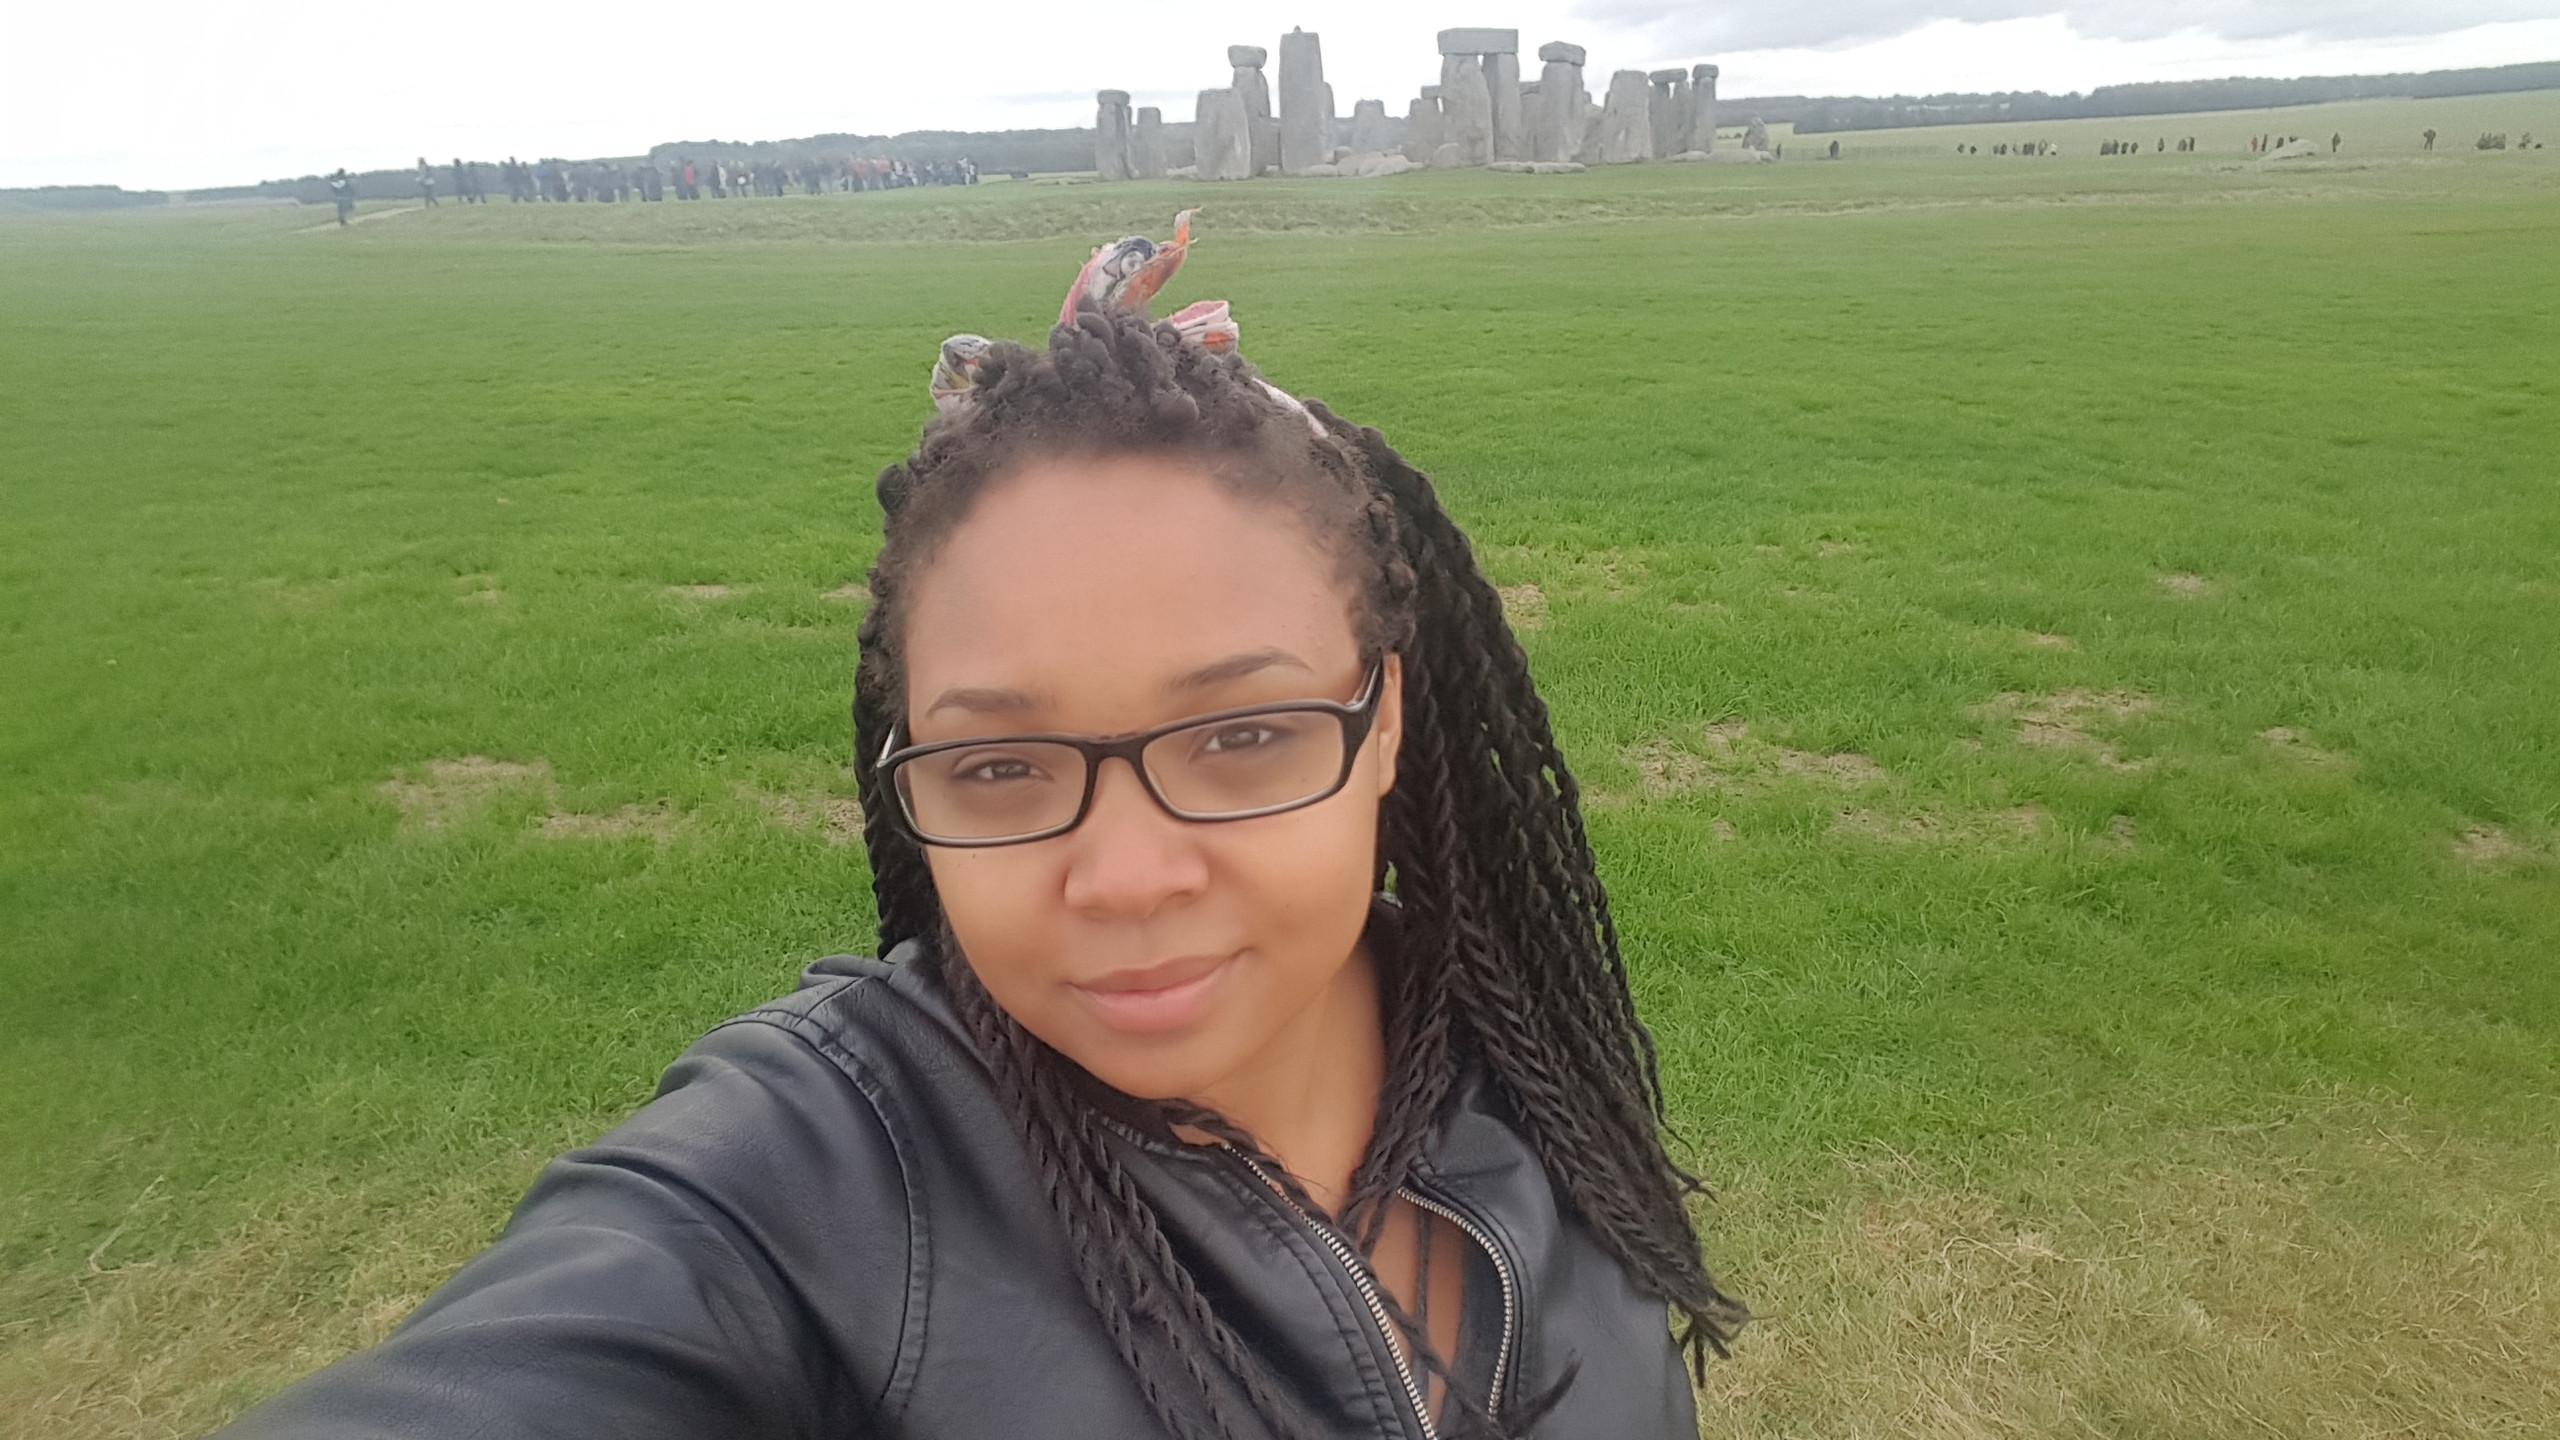 Lexi at Stonehenge